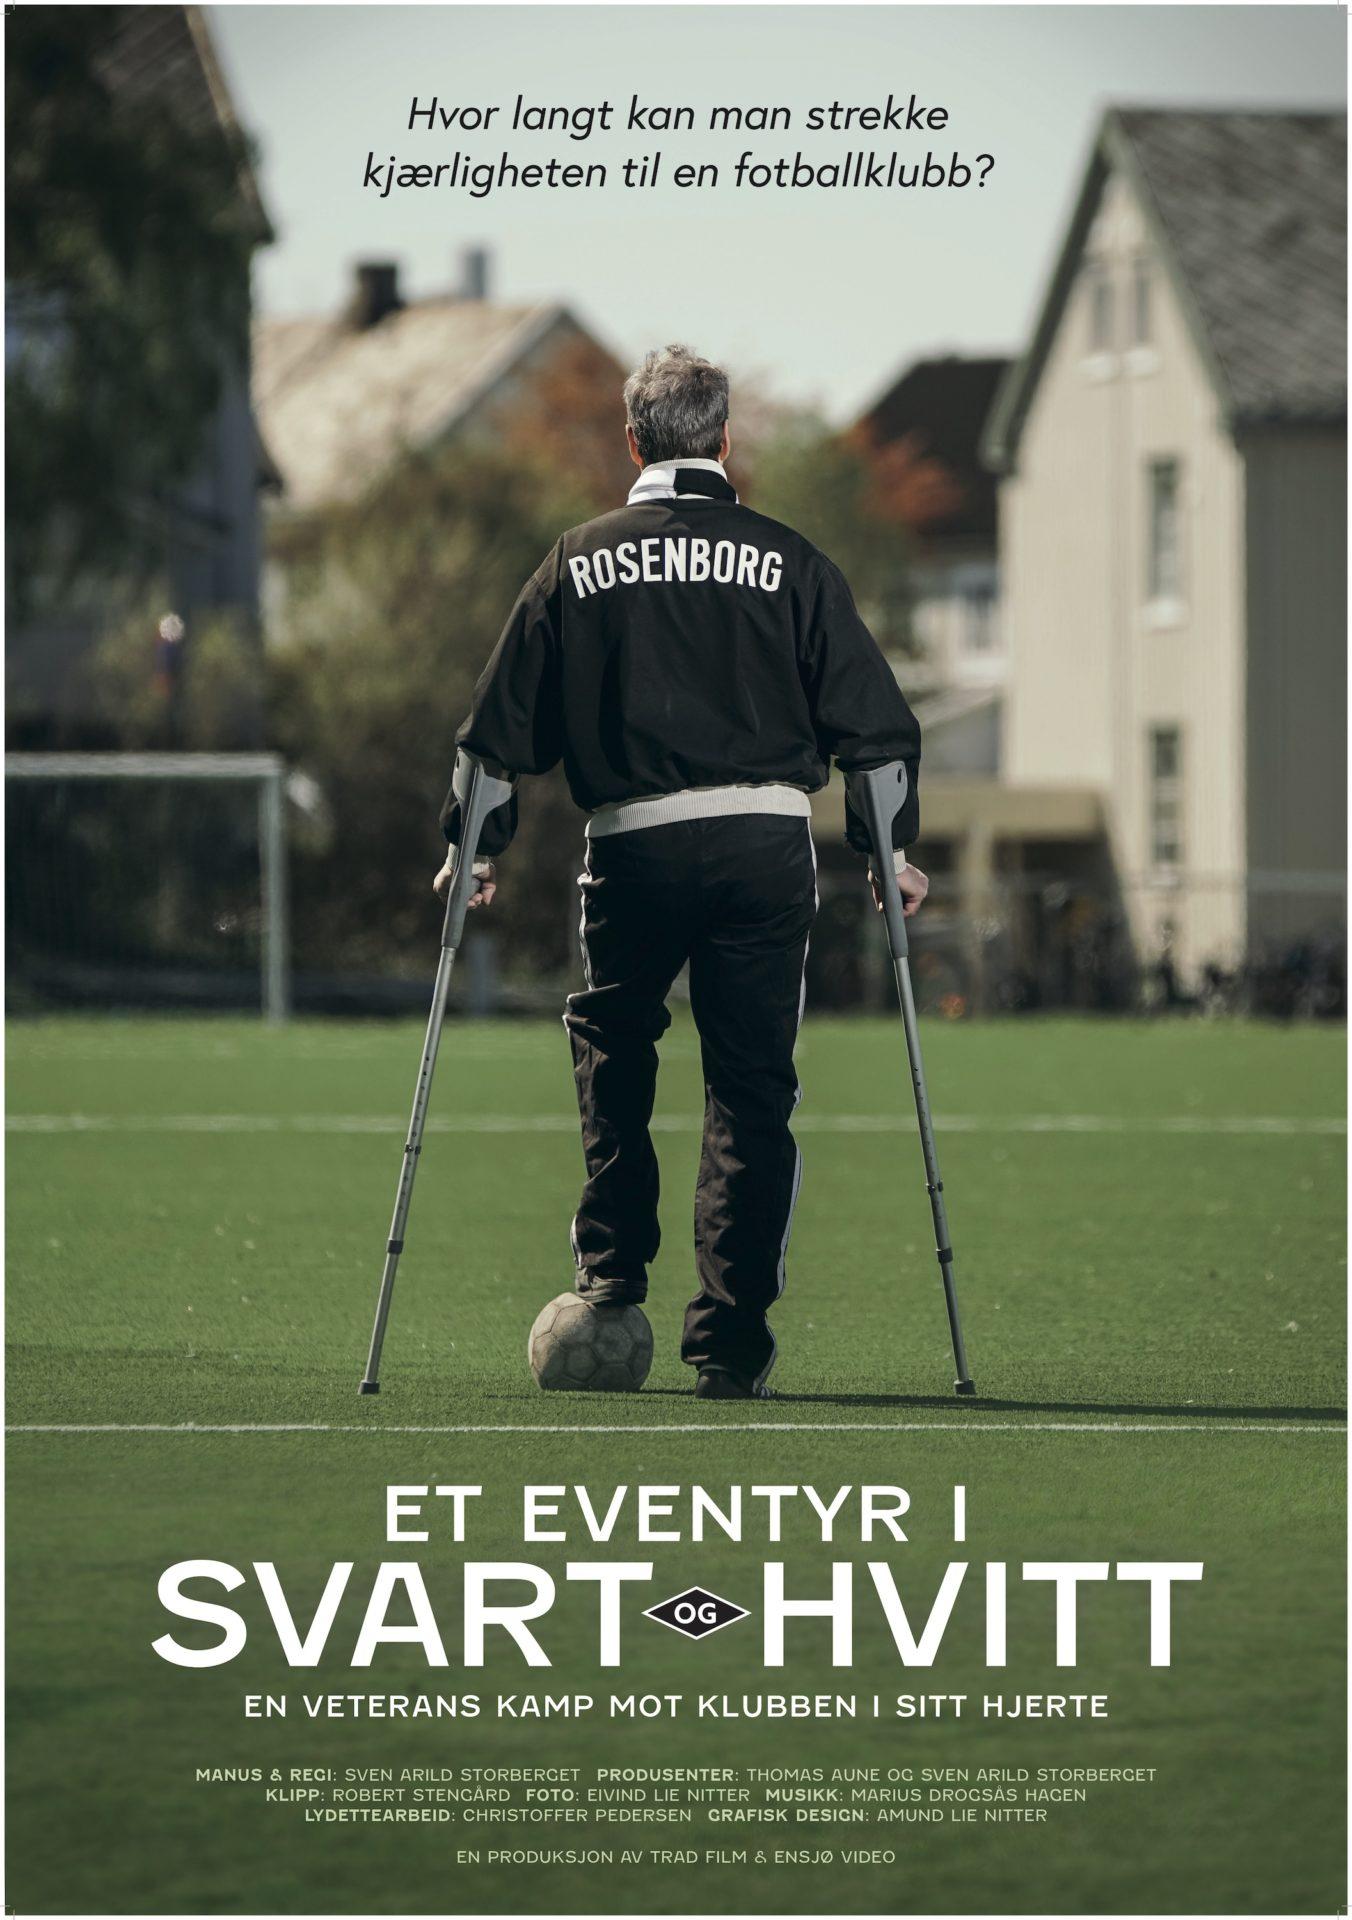 Filmplakat, Et eventyr i svart og hvitt. En mann med krykker og Rosenborg-genser står på en fotballbane med ryggen vendt fra oss.